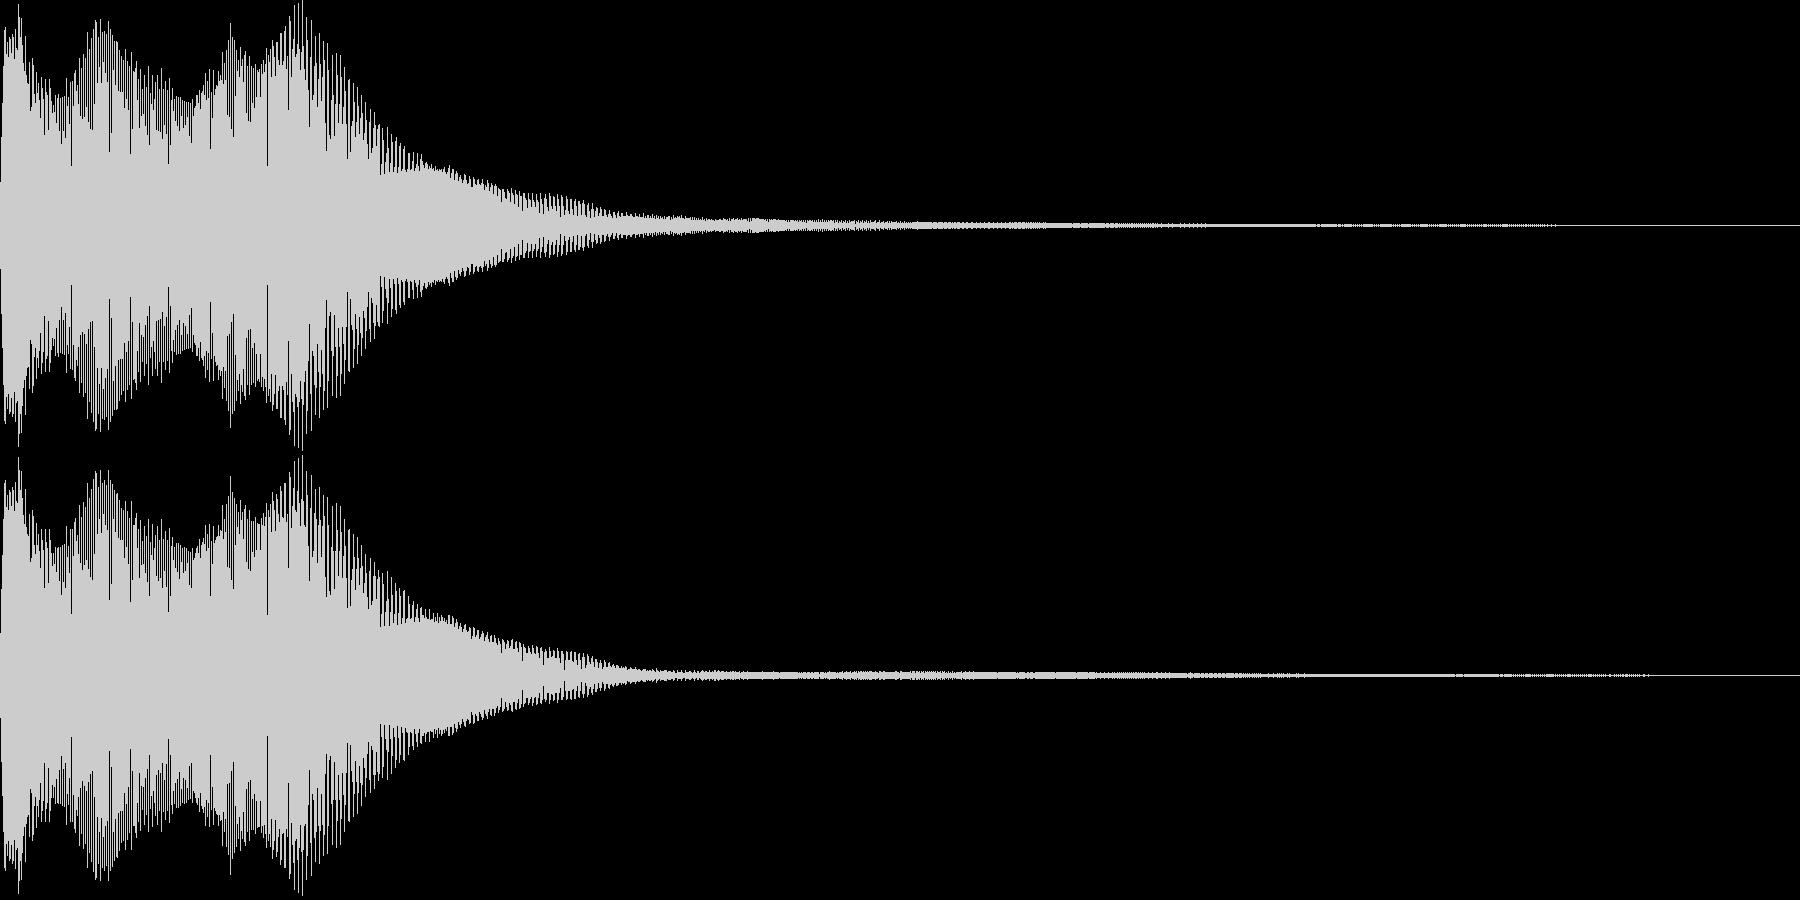 【SE】決定音08(ピョリロリー)の未再生の波形